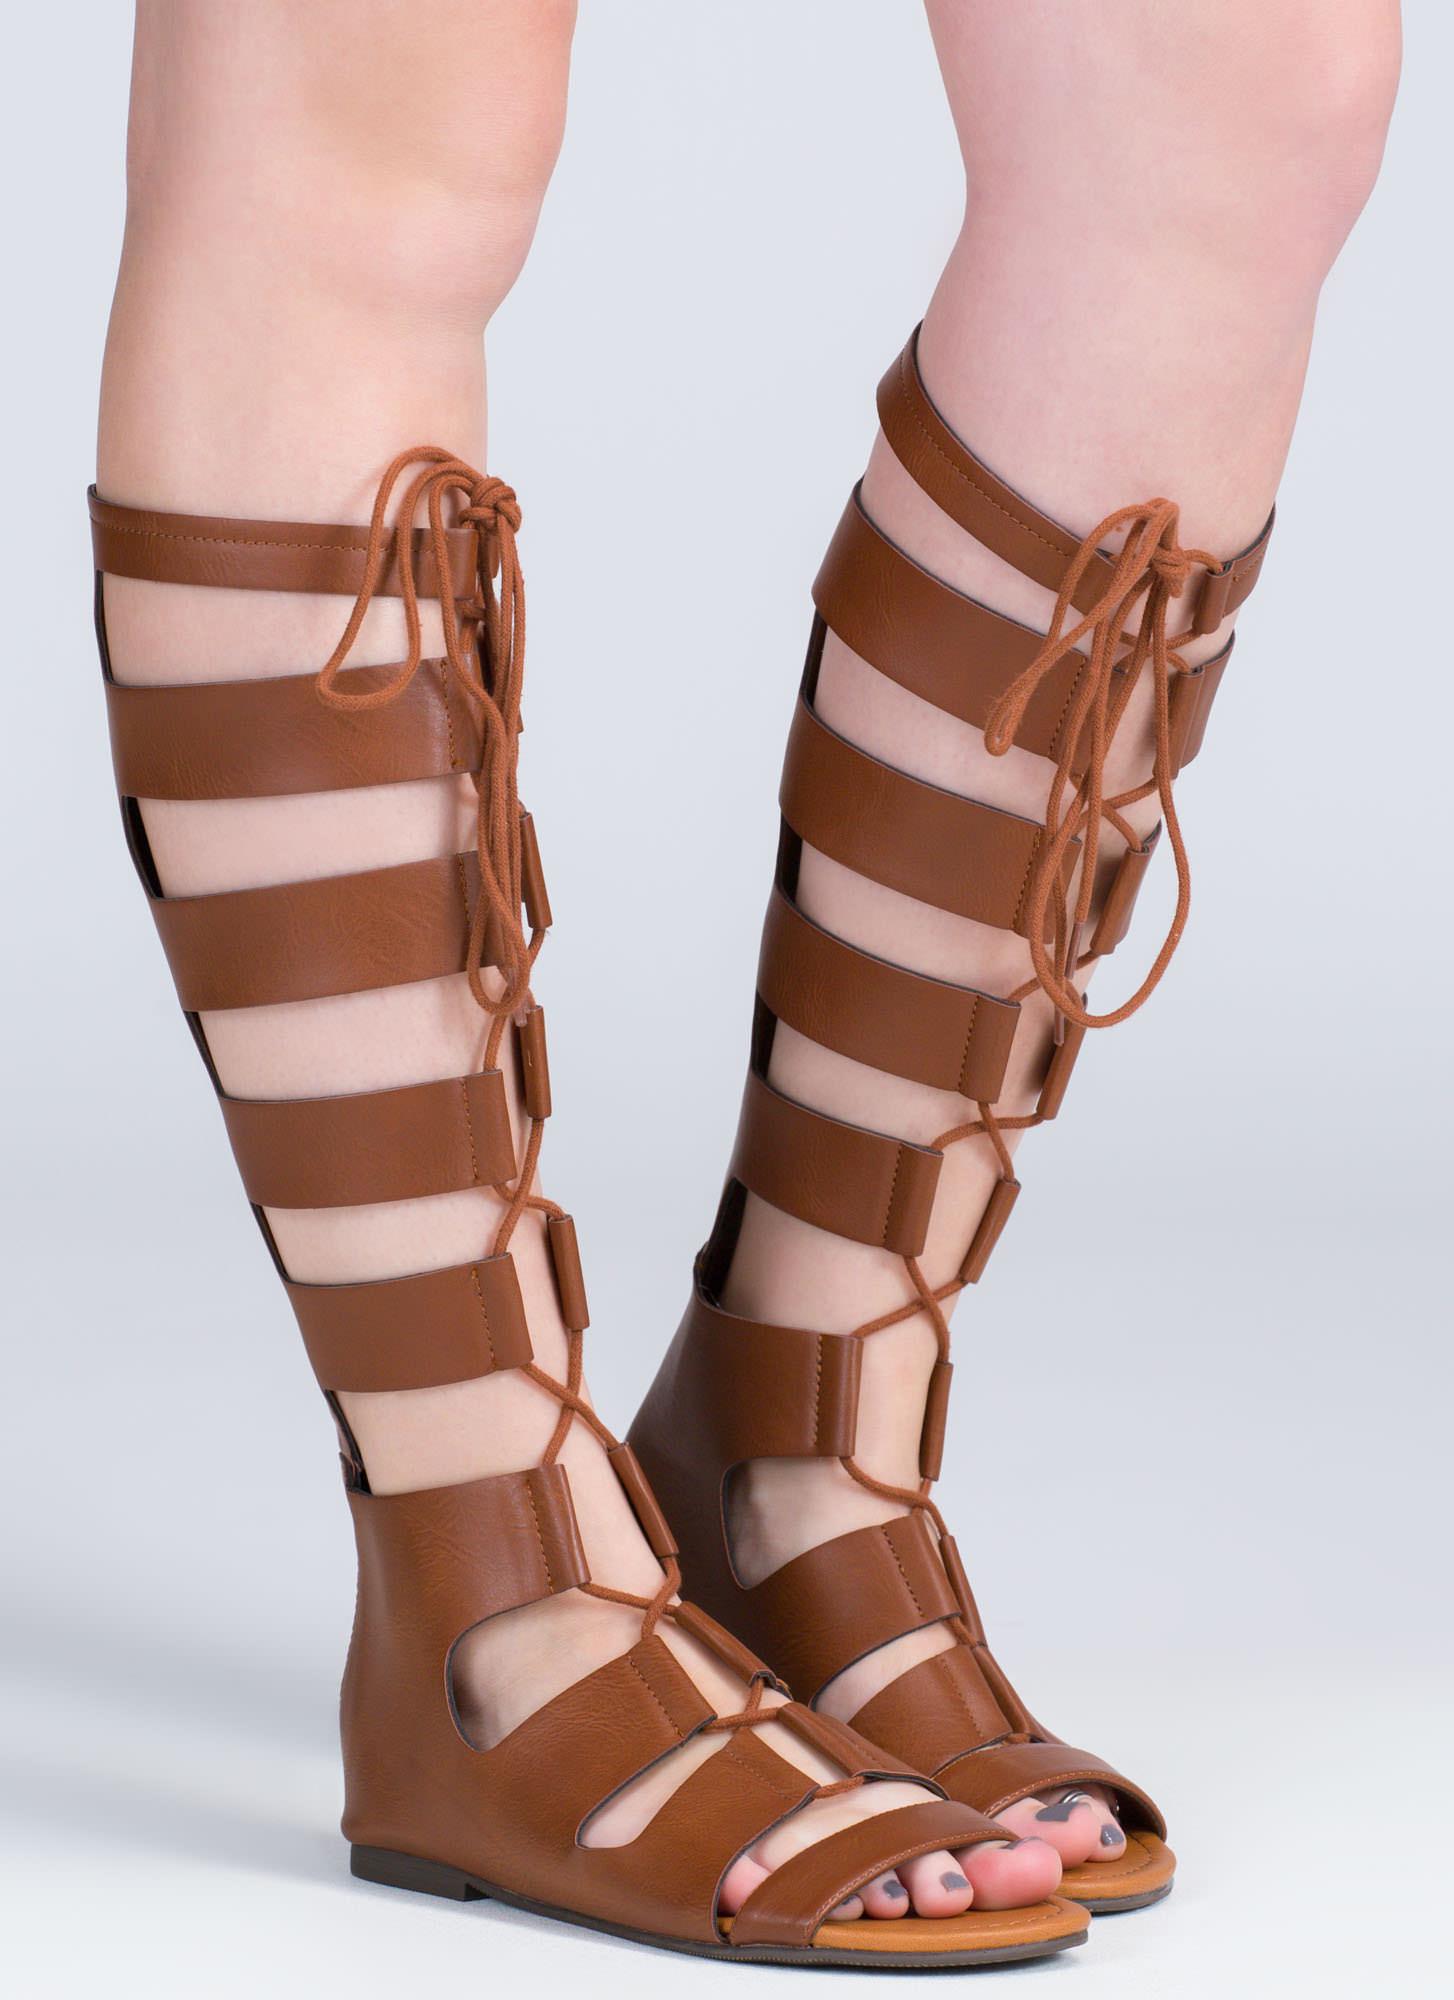 Gladiator Heels Cheap - Is Heel